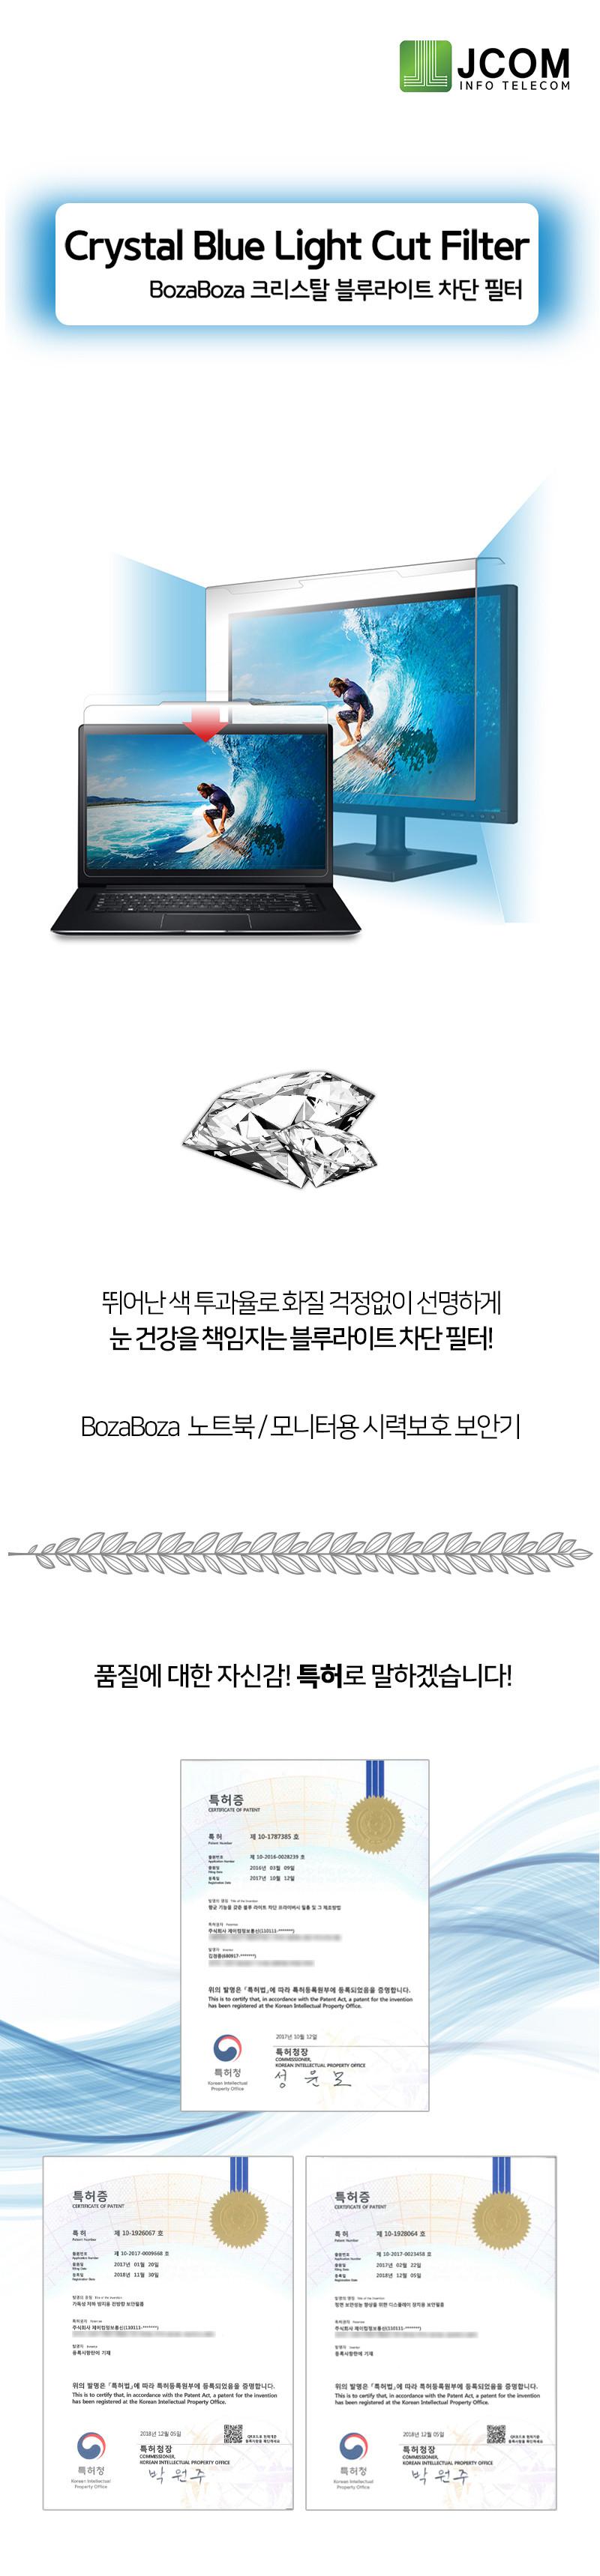 BLC_상세페이지_커팅_01.jpg